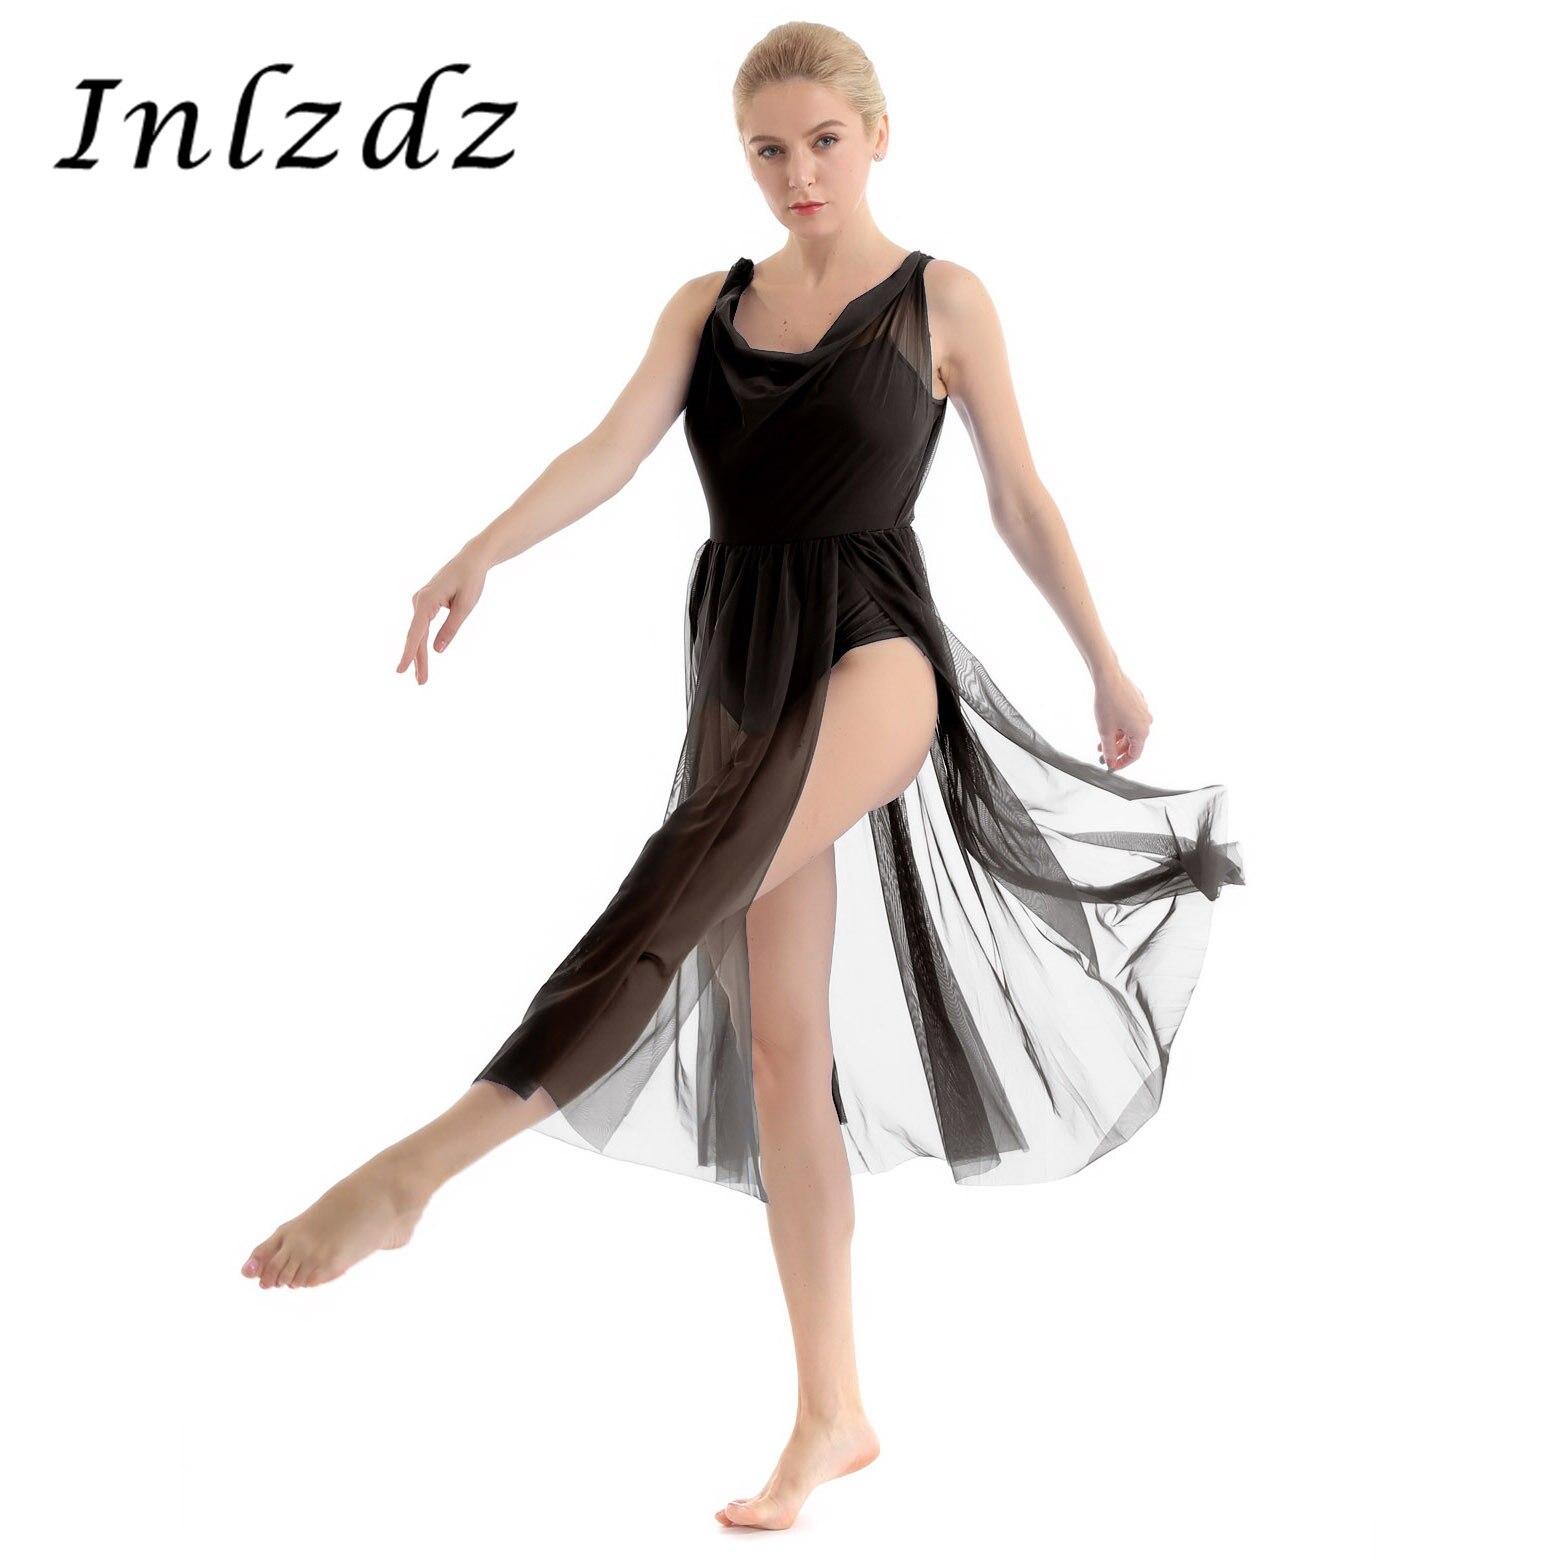 inlzdz Adult Womens Basic Built in Shelf Bra Camisole Gymnastic Ballet Dance Leotard Bodysuit